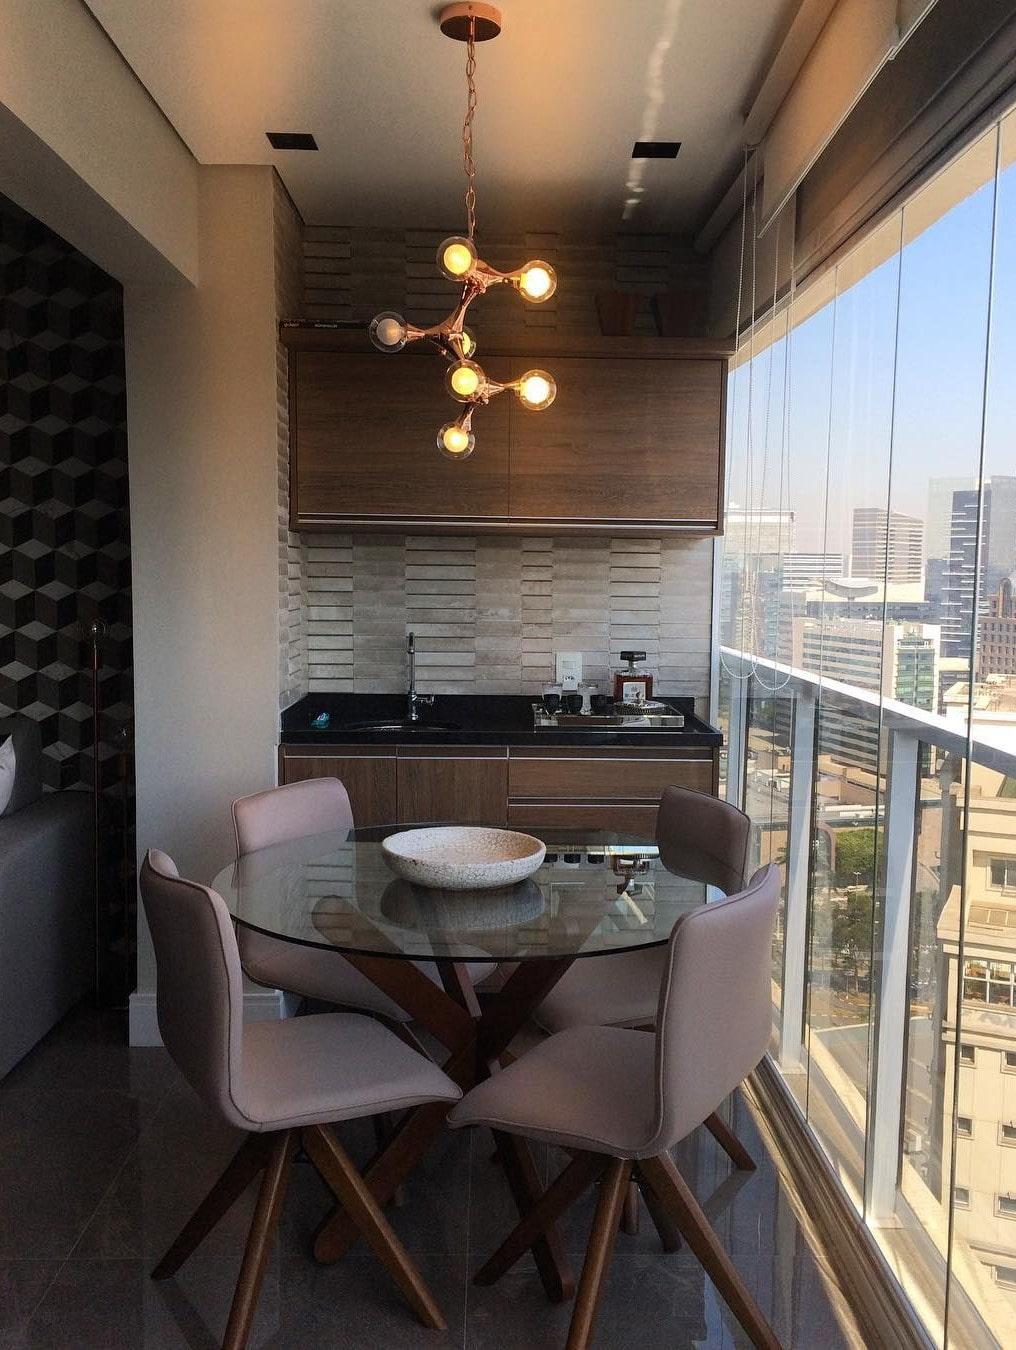 кухня на балконе в квартире студии фото выглядят композиционно, располагают